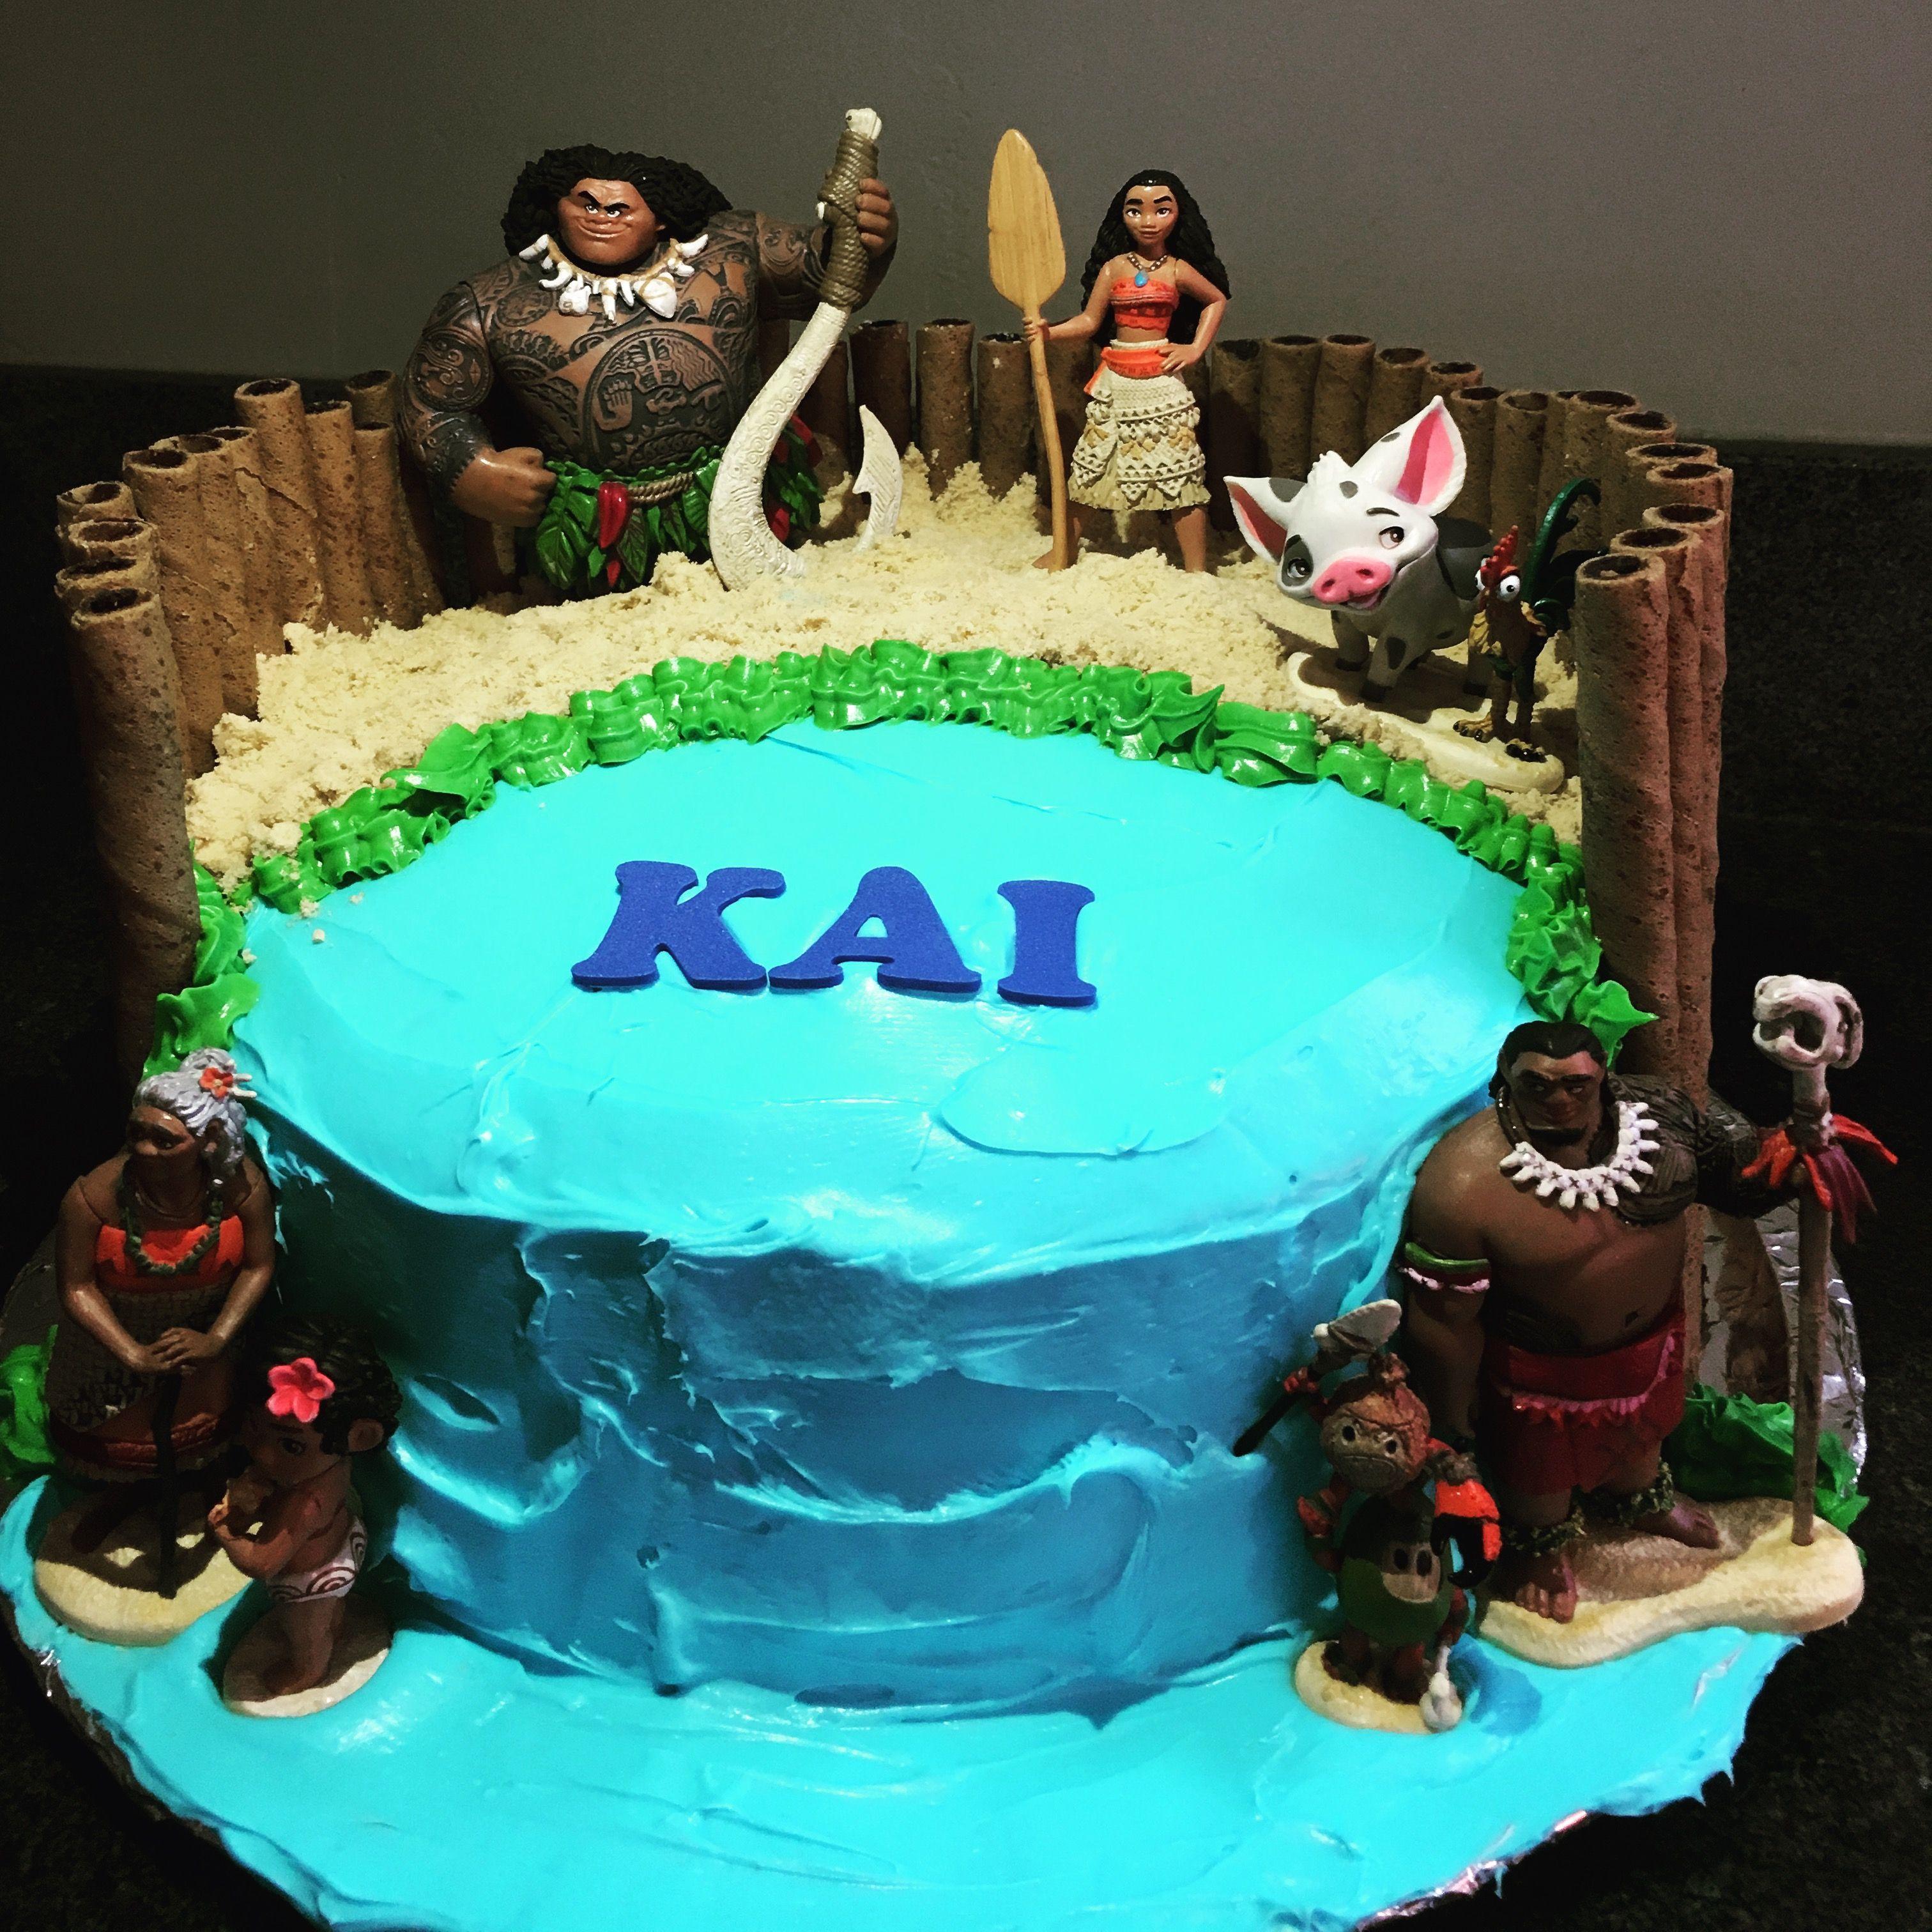 Moana And Maui Birthday Cake Birthday Cakes Pinterest Moana